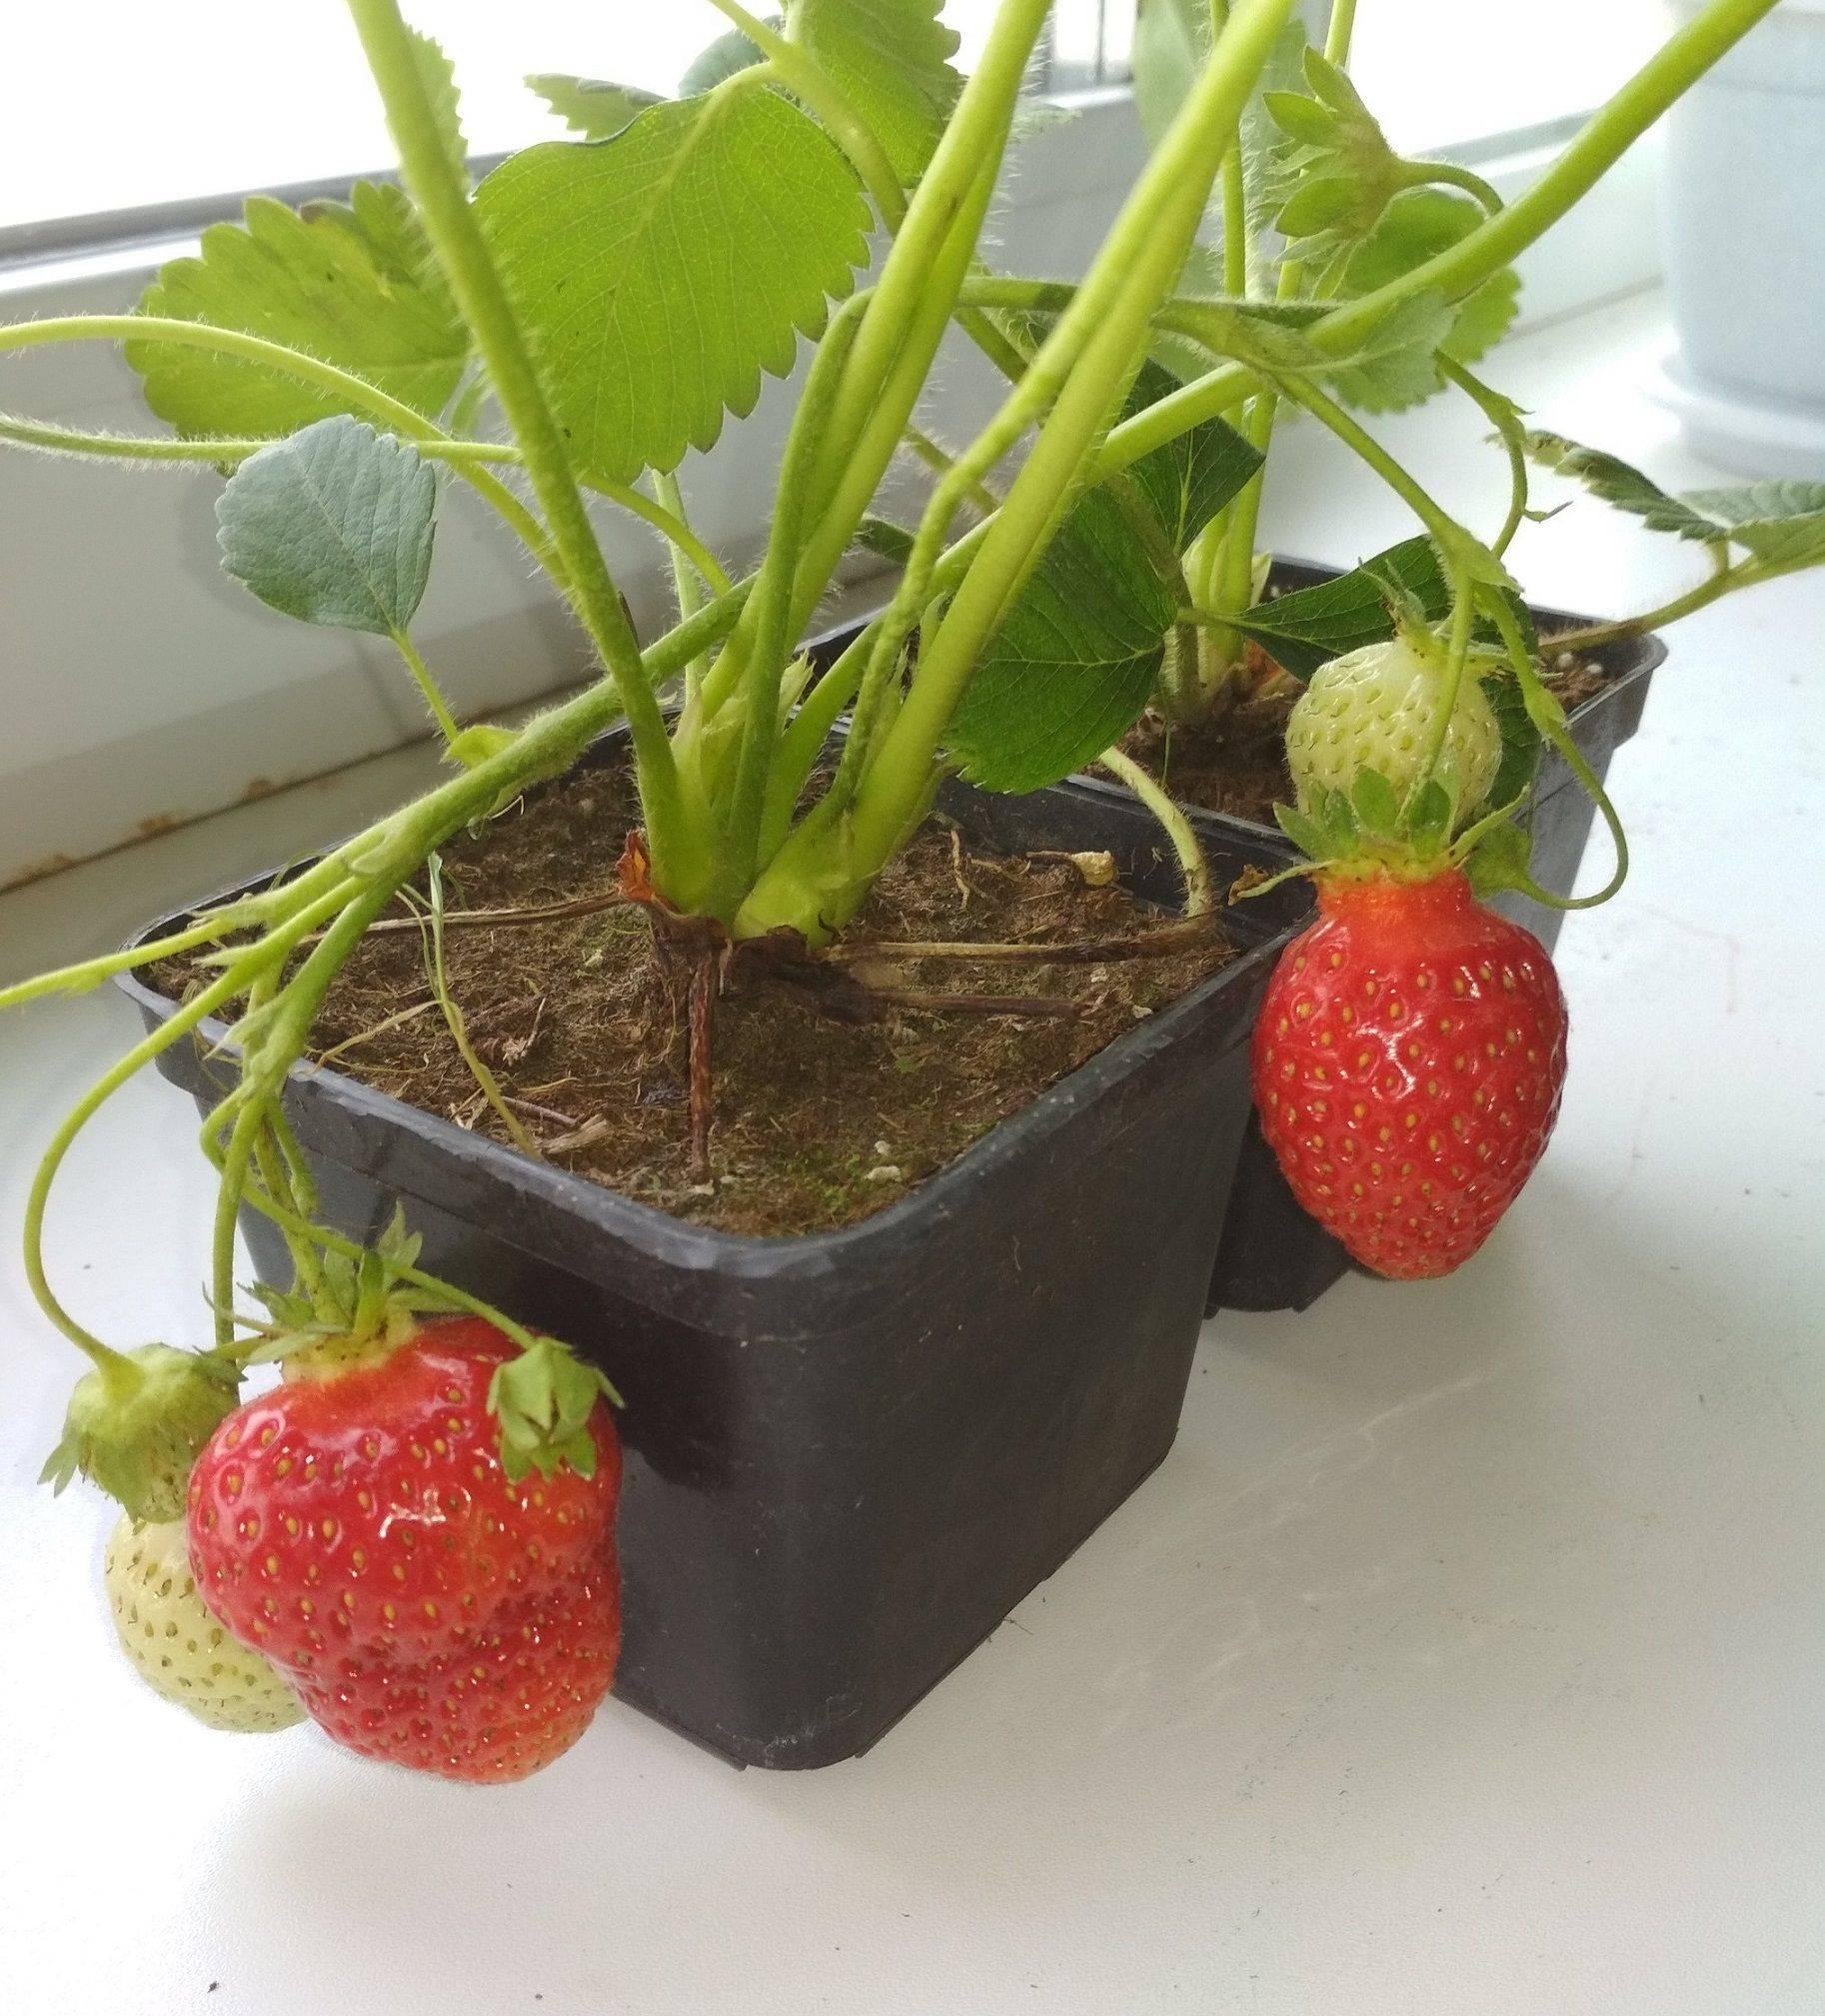 Клубника на подоконнике: выращивание круглый год, особенности посадки и ухода за клубникой в домашних условиях